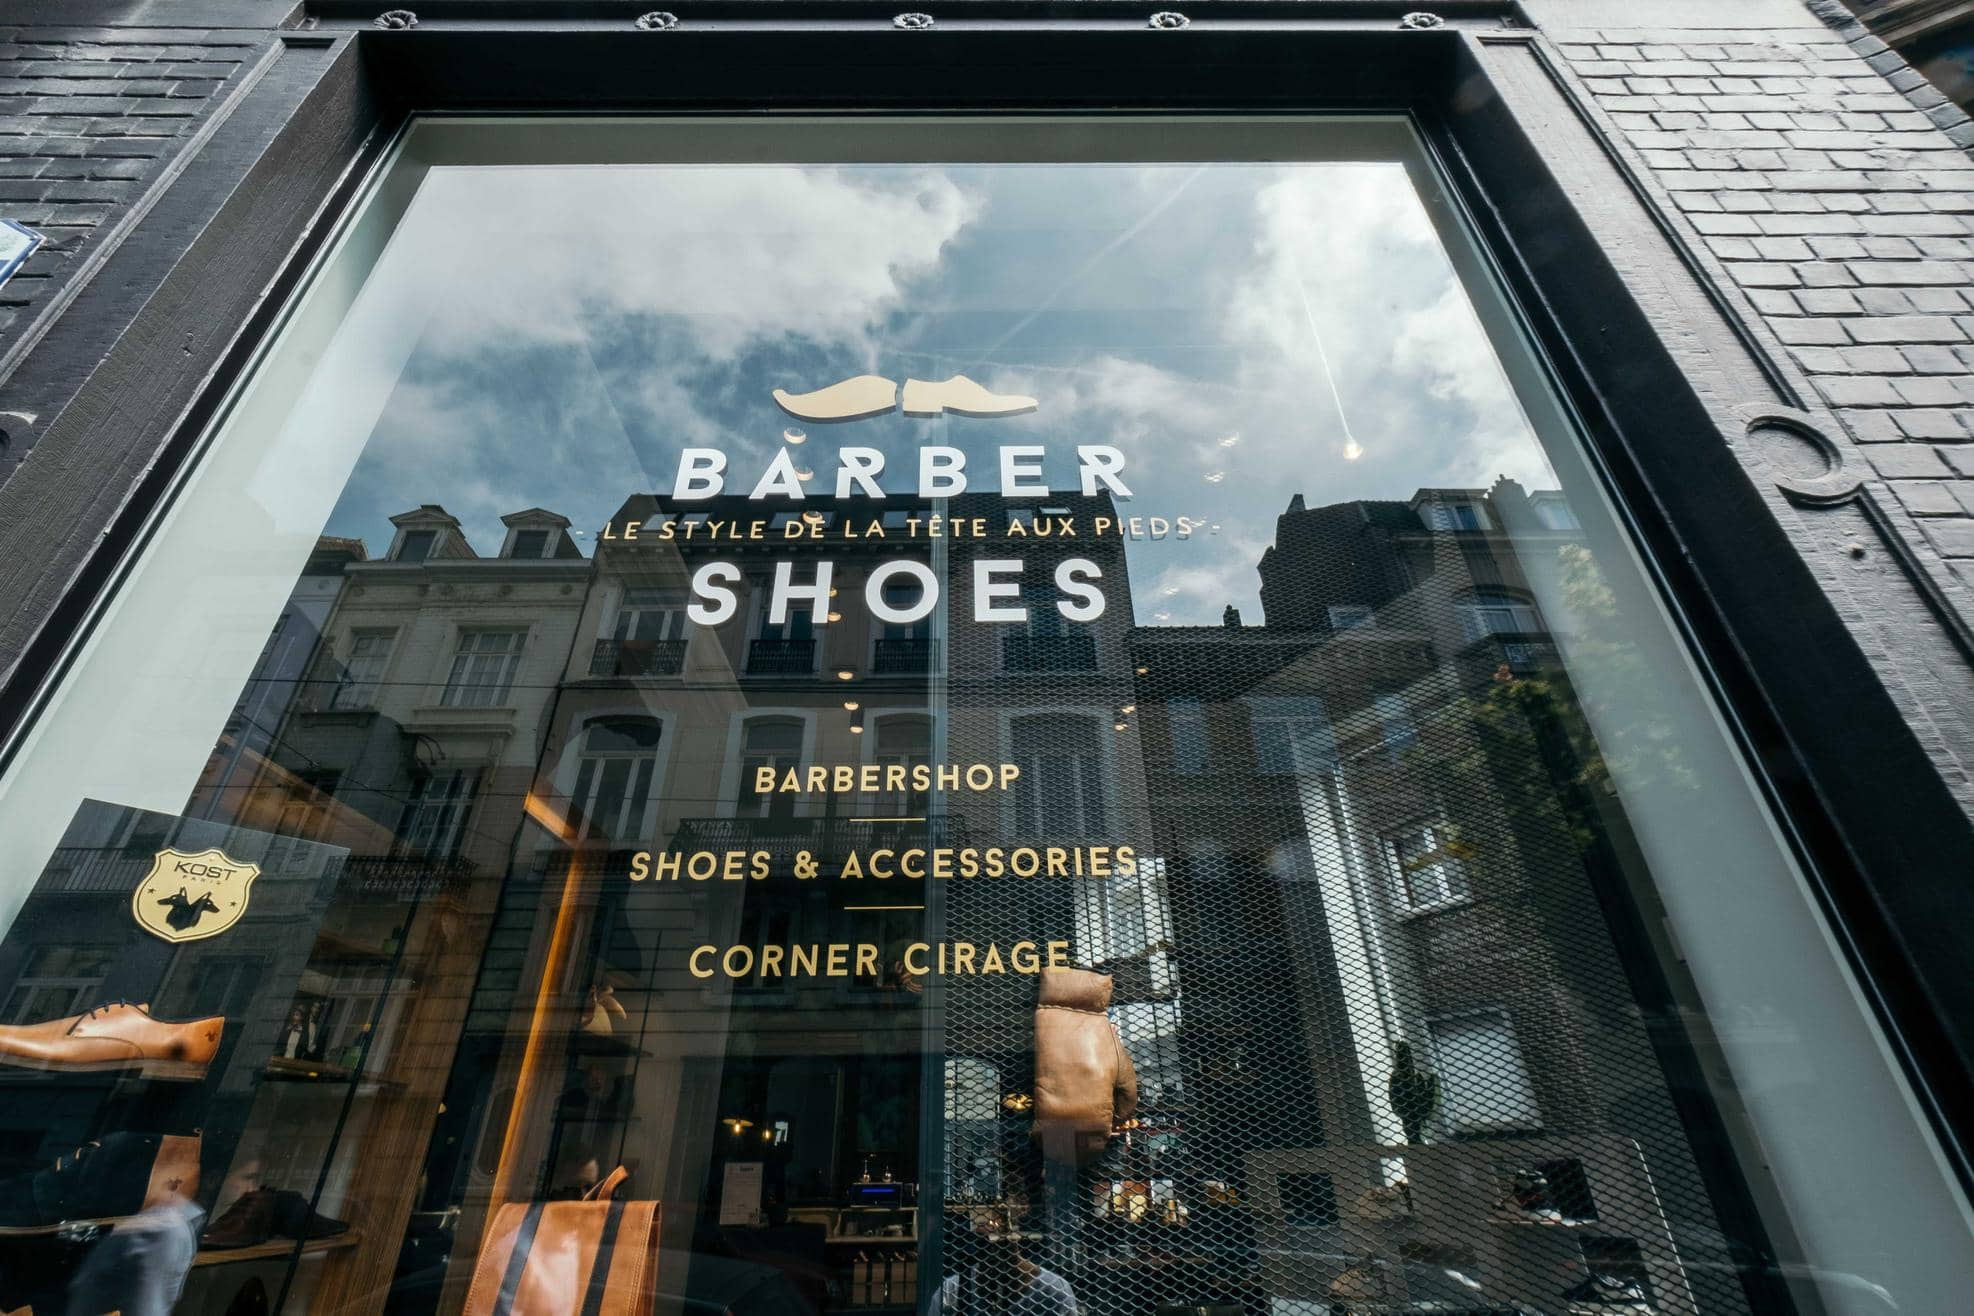 Chaussures Magasin À Shoes Barber Barbier De Tx5af1 Bruxelles Coiffeur CBdoQxerW